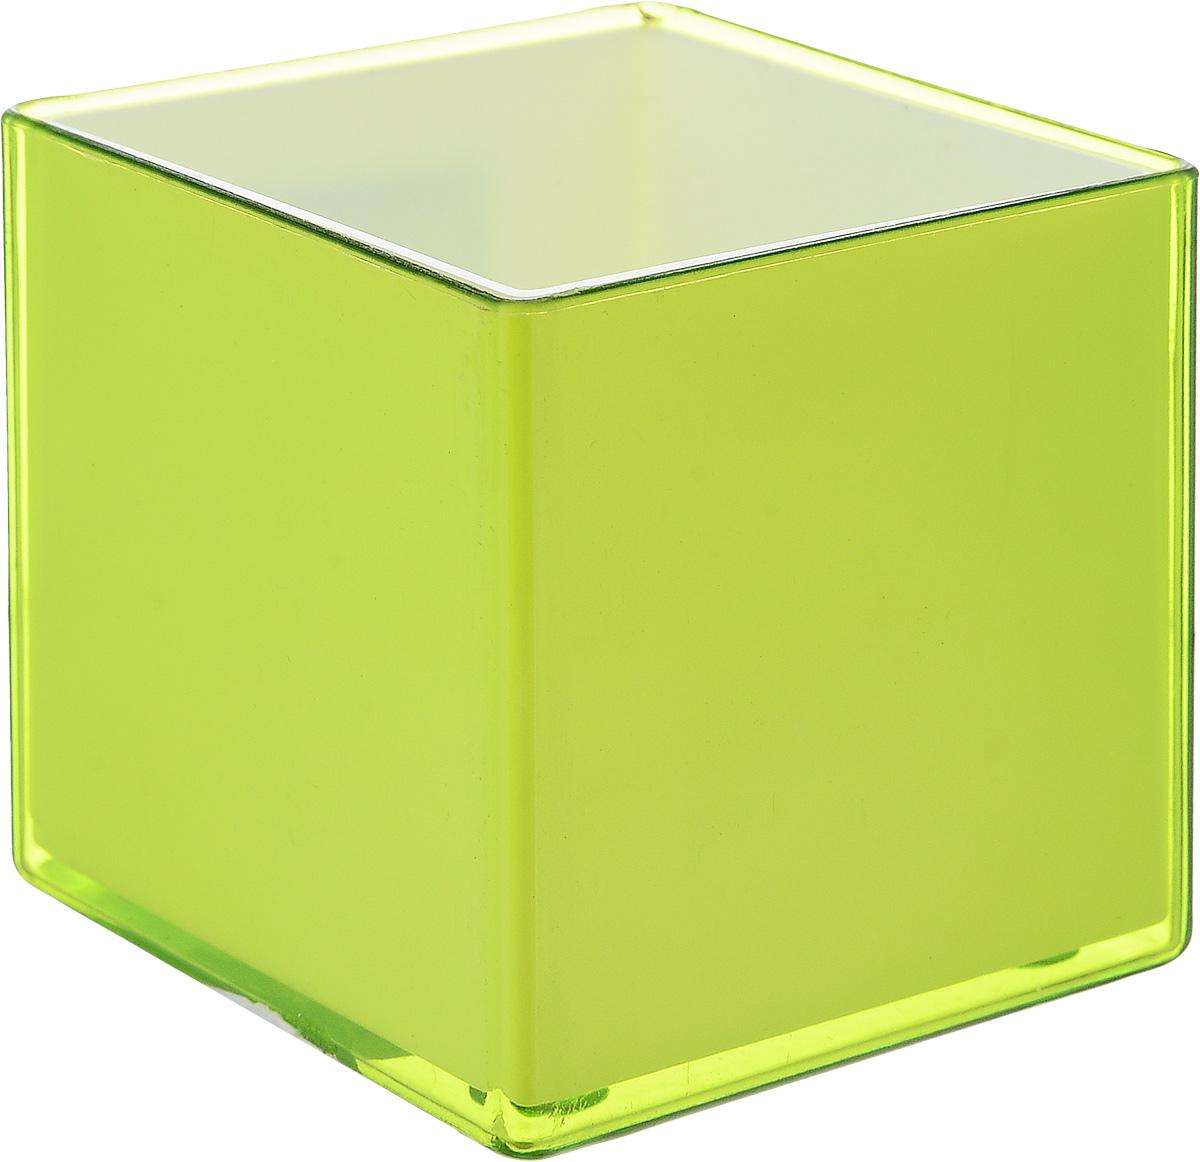 Кашпо JetPlast Мини куб, на магните, цвет: зеленый, 6 x 6 x 6 см4612754050482Традиционно горшки для цветов имели круглую форму, но сейчас набирают популярность квадратные и прямоугольные кашпо. Стильные и современные, они отлично впишутся в любой интерьер. Особенно эффектно такие изделия будут смотреться там, где преобладают четкие линии и простые формы. Кашпо «Мини-куб» — это миниатюрные горшки, которые дополнят интерьер и внесут в него изюминку. Объем в 160 мл рассчитан под рассаду карликовых растений. Вы сможете поставить вазу на рабочий стол, полку или же подоконник. Модель «Мини-куб» имеет ряд особенностей: две магнитных ленты, с помощью которых можно поместить изделие на металлической поверхности вставка, которая позволяет ухаживать за горшком без повреждения покрытия малый вес и компактность при производстве используется только безопасный пластик.